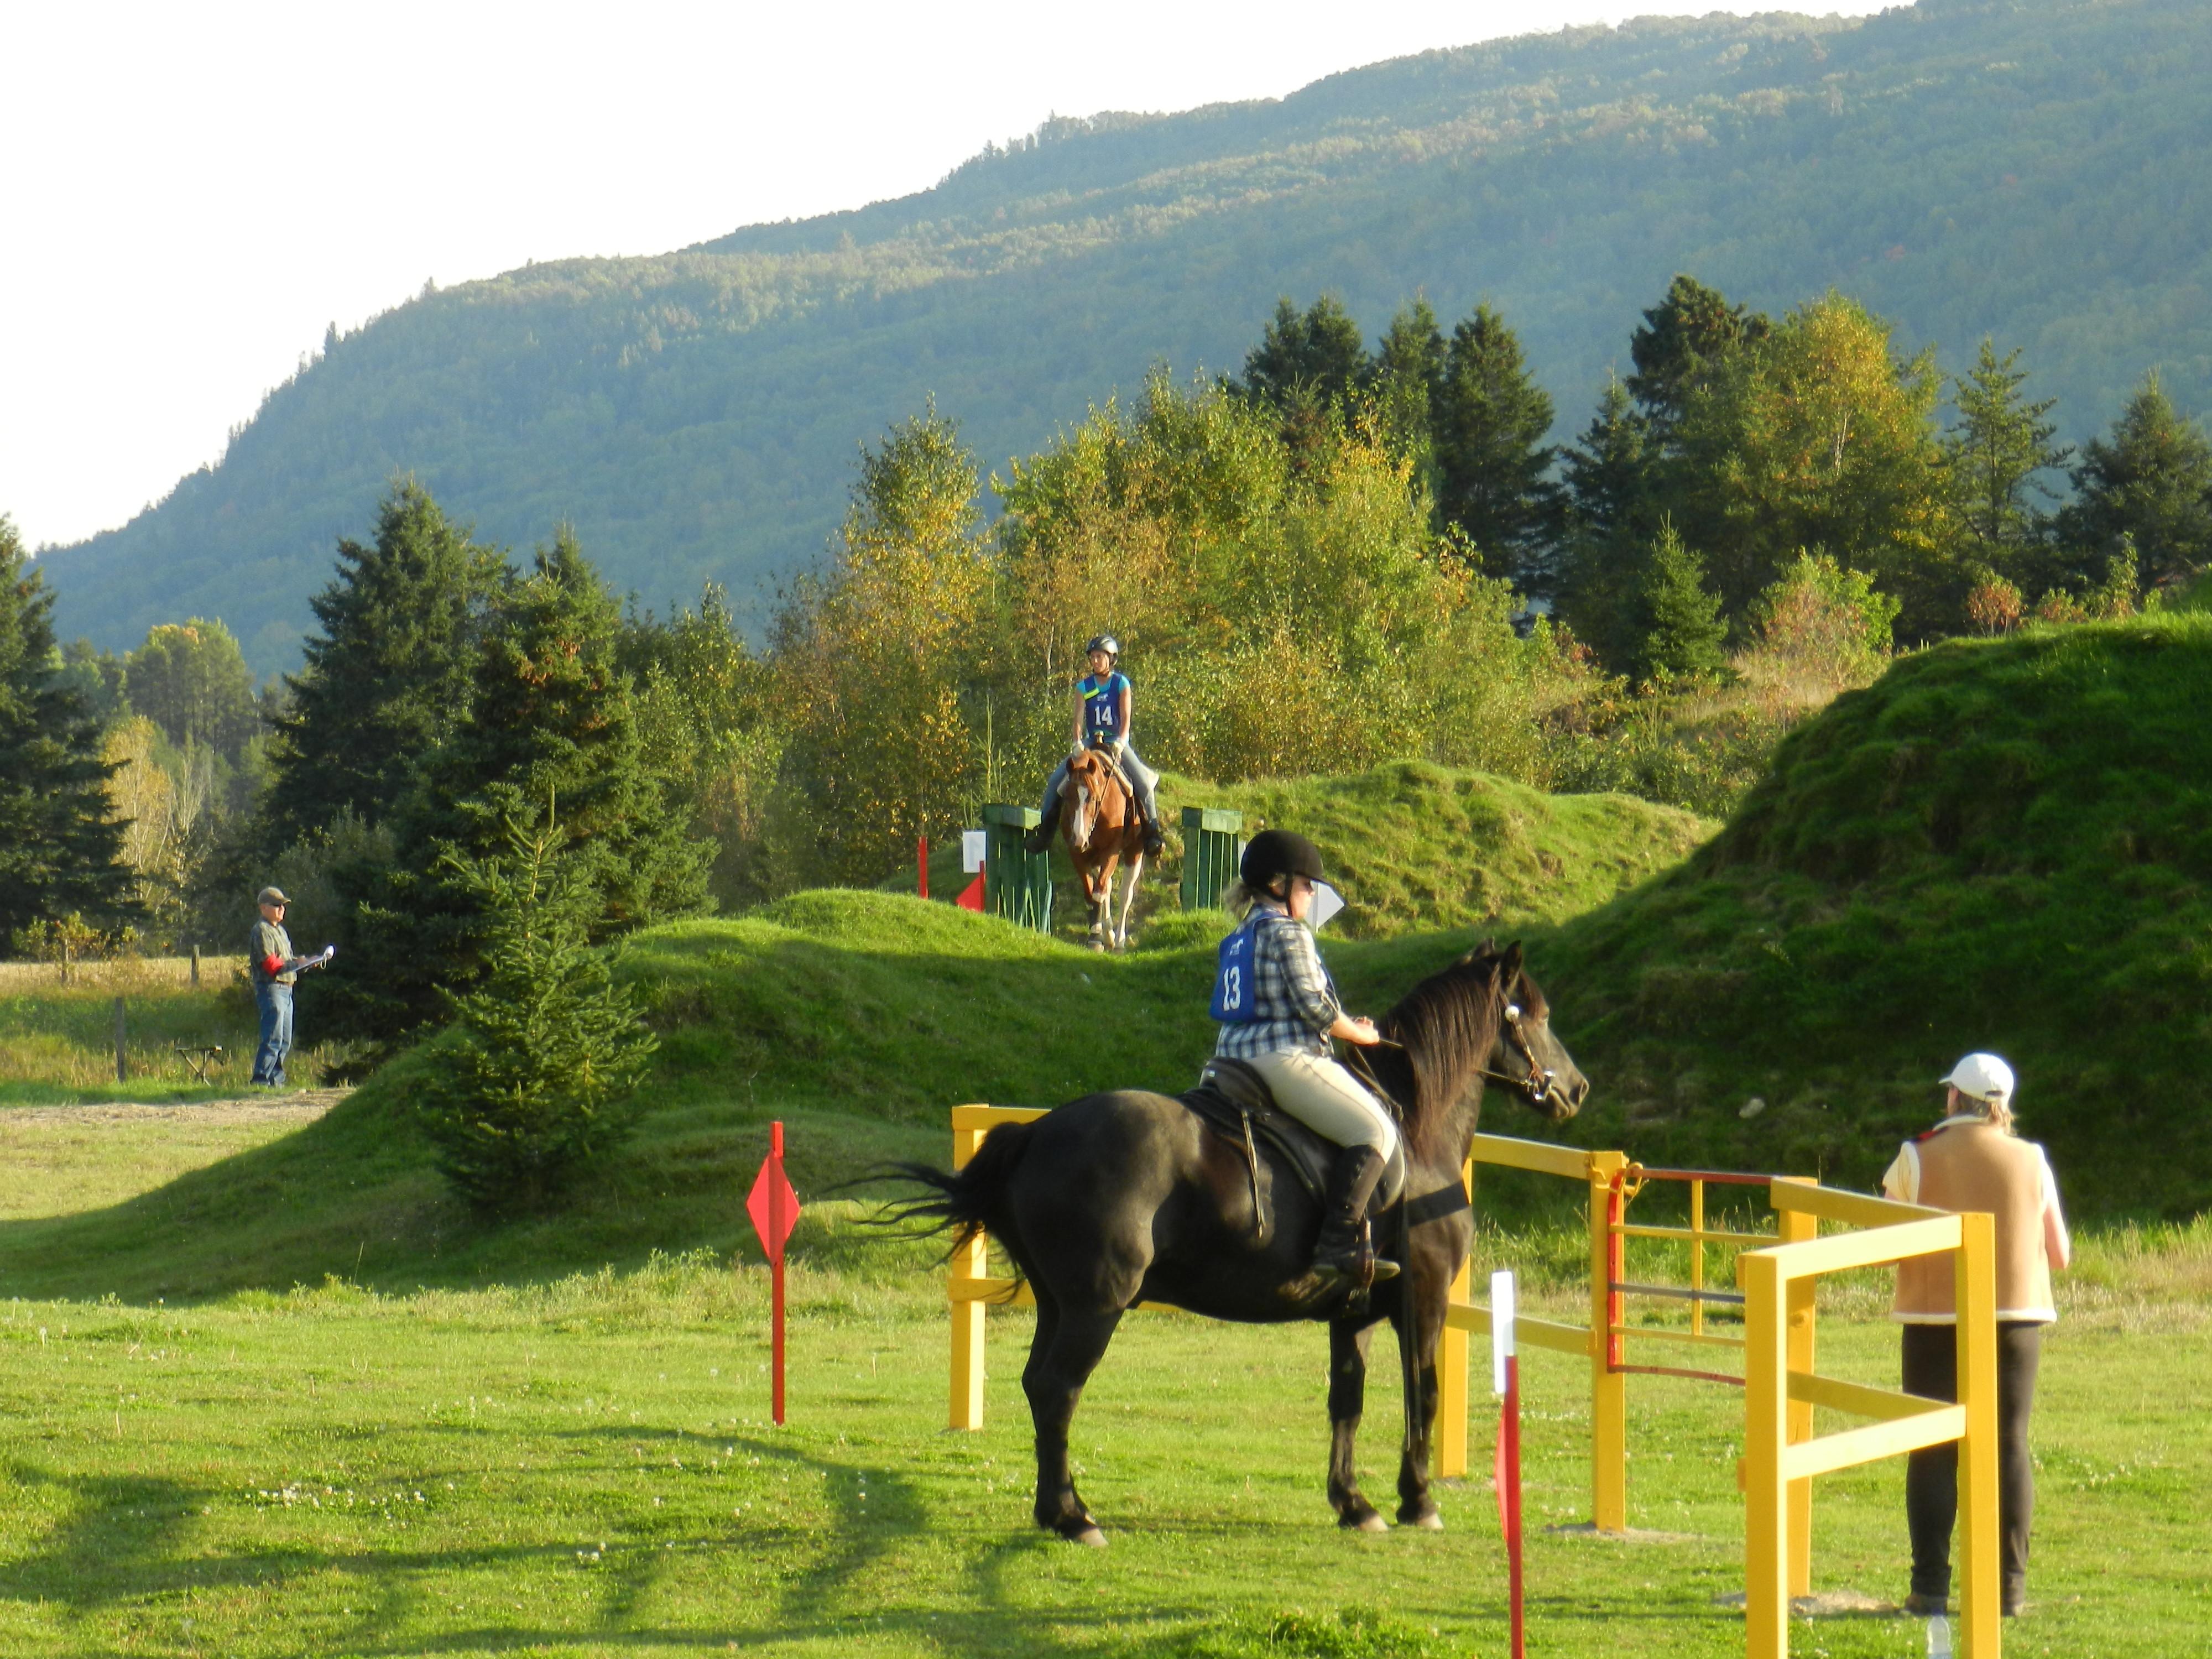 Прикладные виды конного спорта и туризма - фото TREC-Charlevoix, главная Разное , конный журнал EquiLIfe